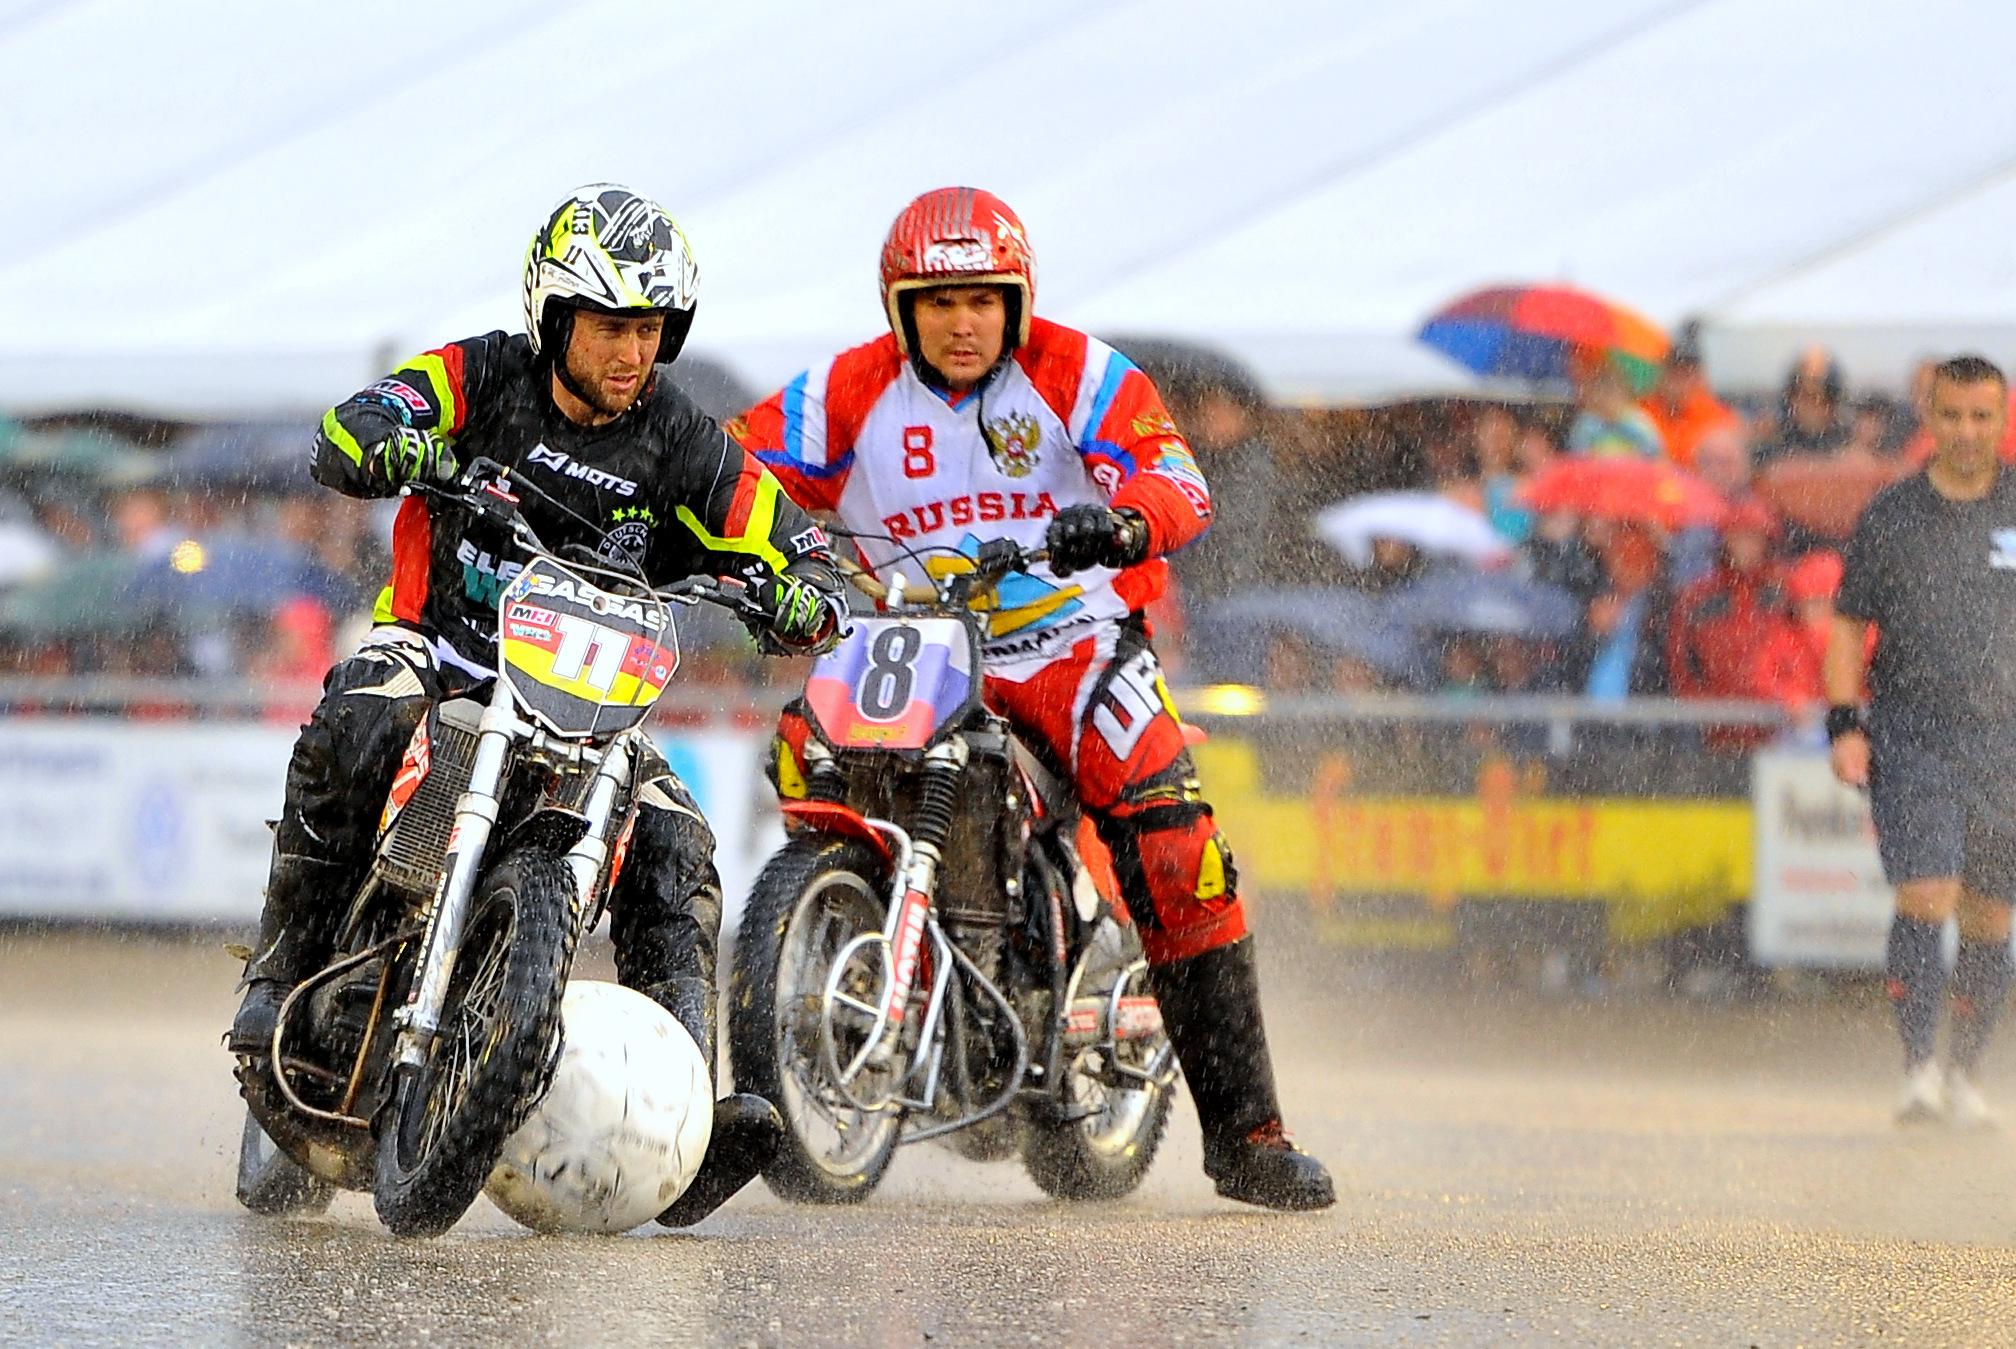 【モトボール】バイクでサッカー!?時速105km超の世界最速チームスポーツ